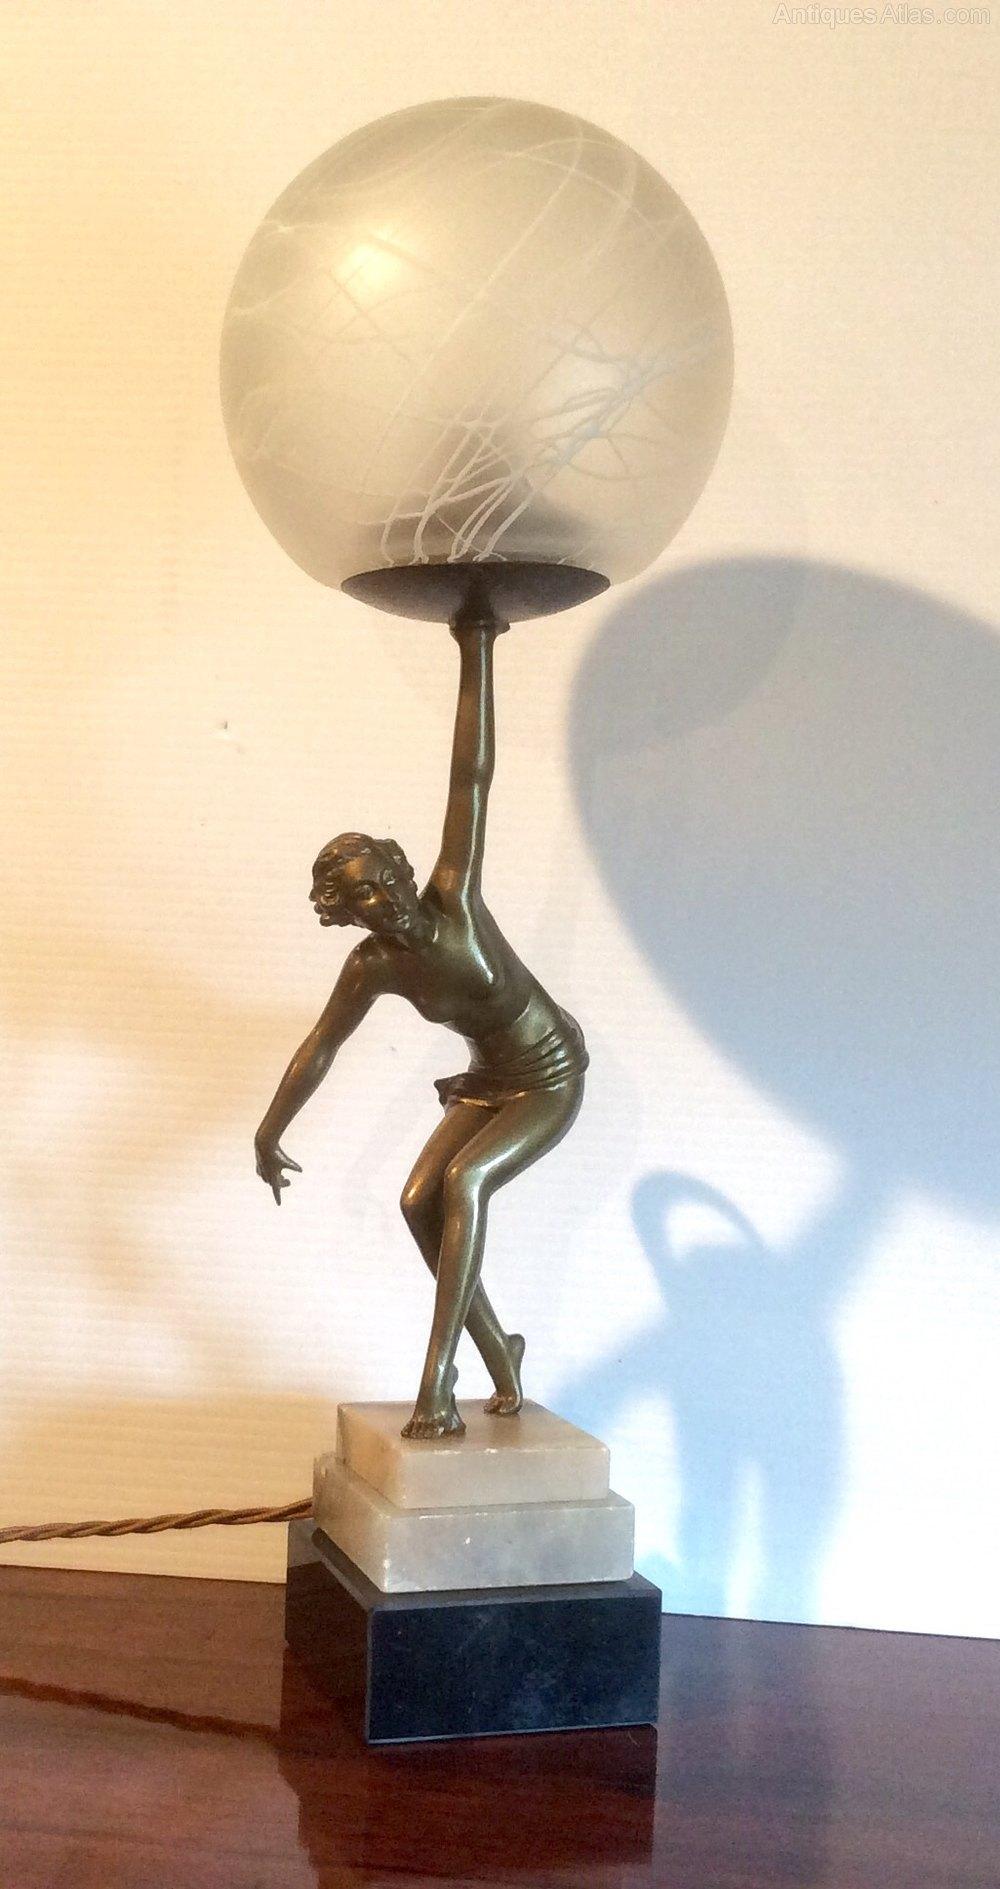 Antiques Atlas Lovely Antique Art Deco Lady Lamp